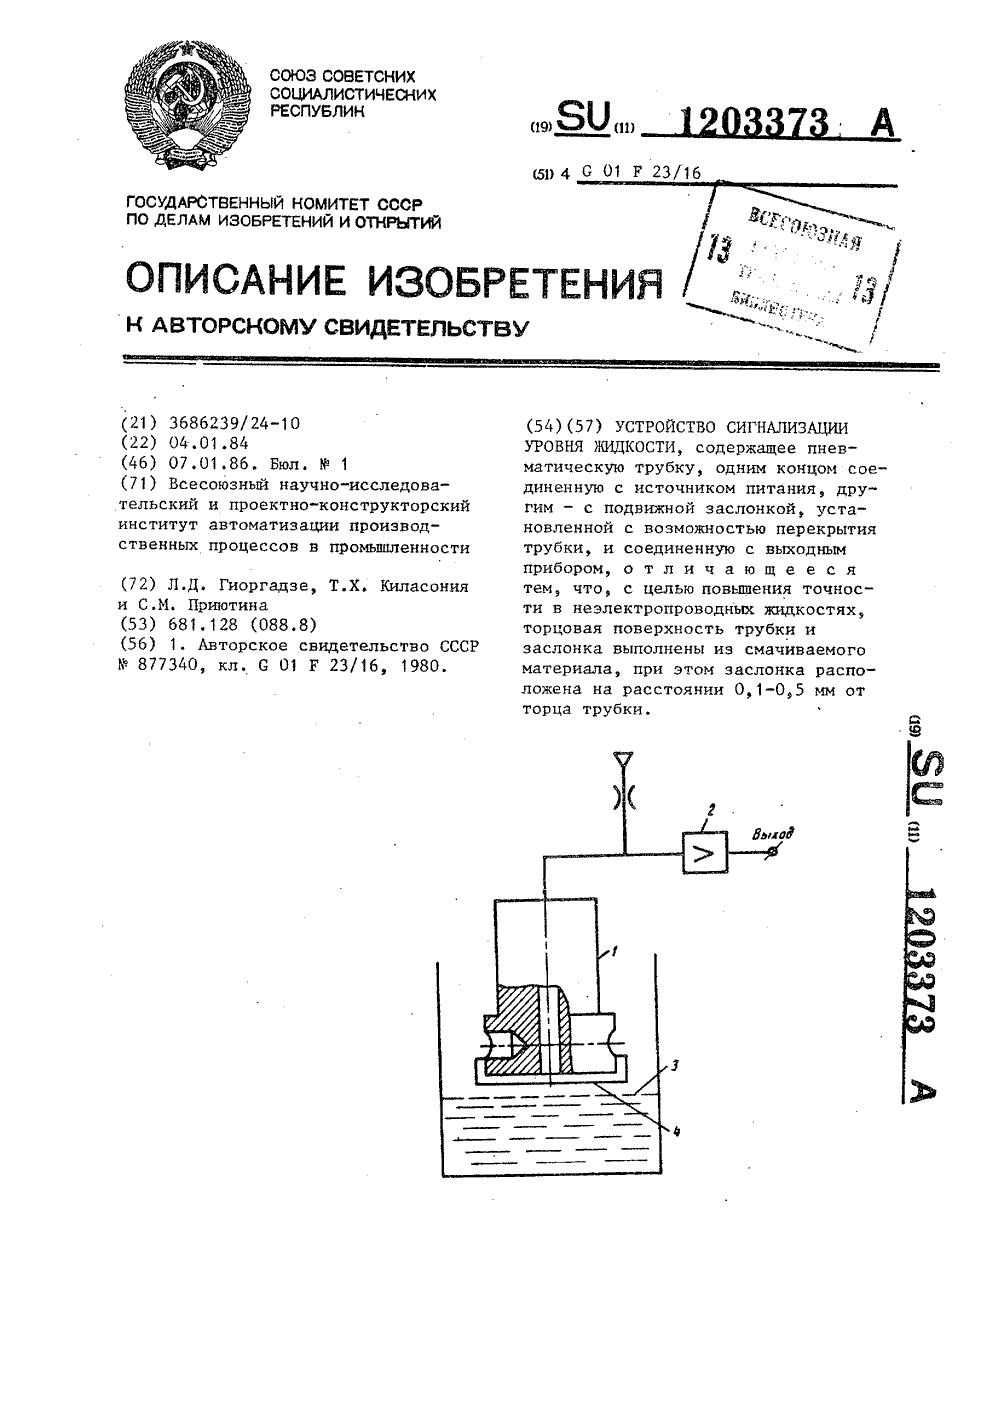 схема сигнализатора уровня жидкости